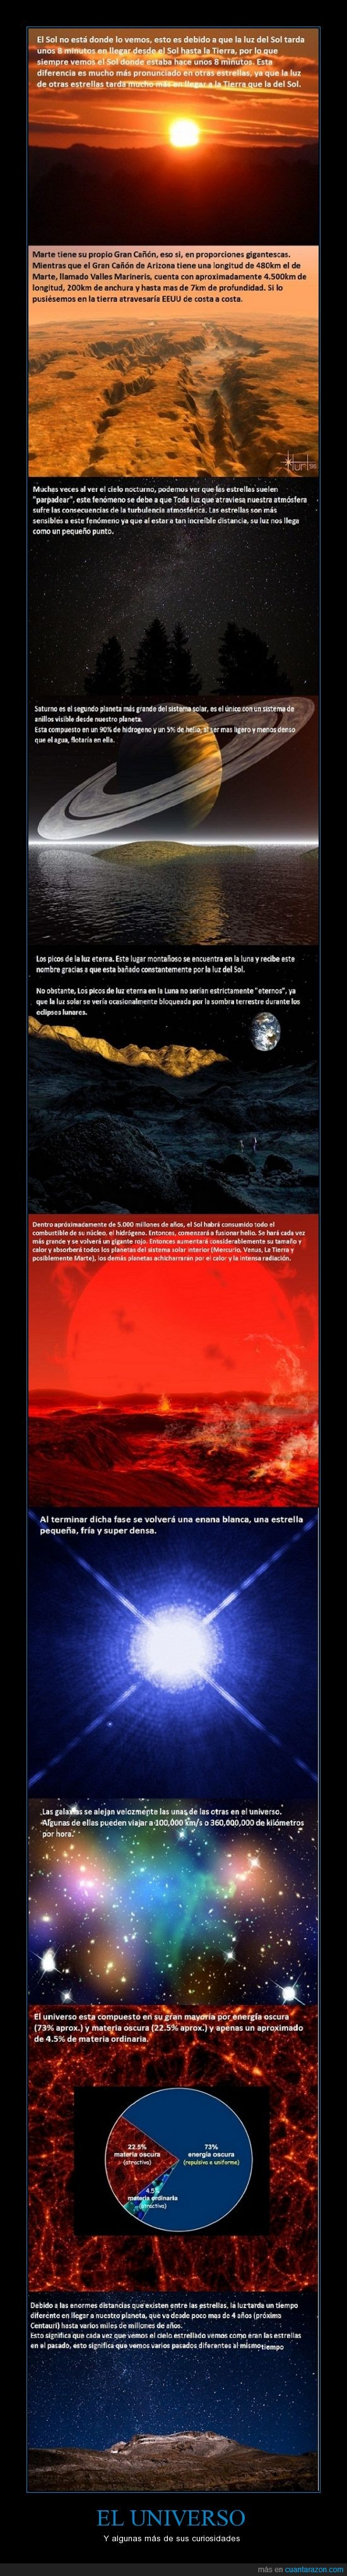 Enana blanca,Galaxias,Gigante rojo,Luna,Luz,Marte,materia y energía oscura,Picos de luz eterna,Saturno,Sol,Universo